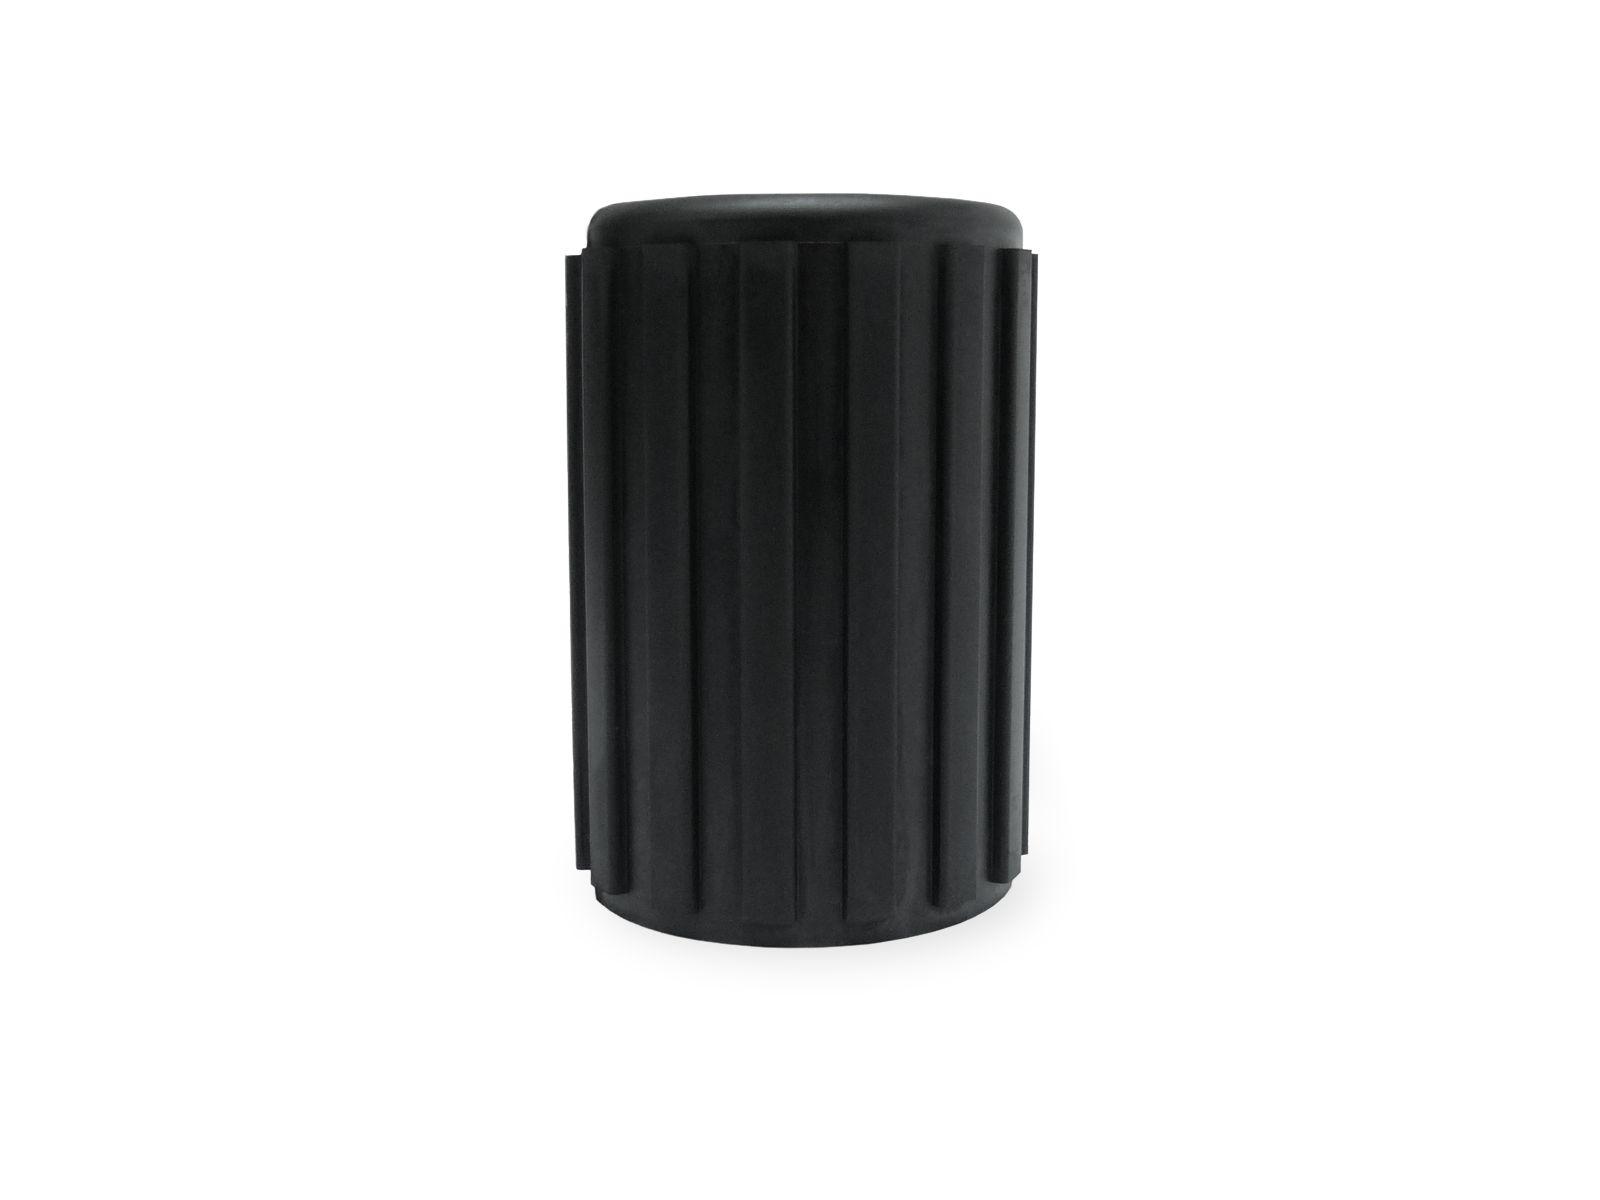 Tappo in gomma nera EPDM per la chiusura delle estremità di tubi nel settore delle attrezzature per palestra